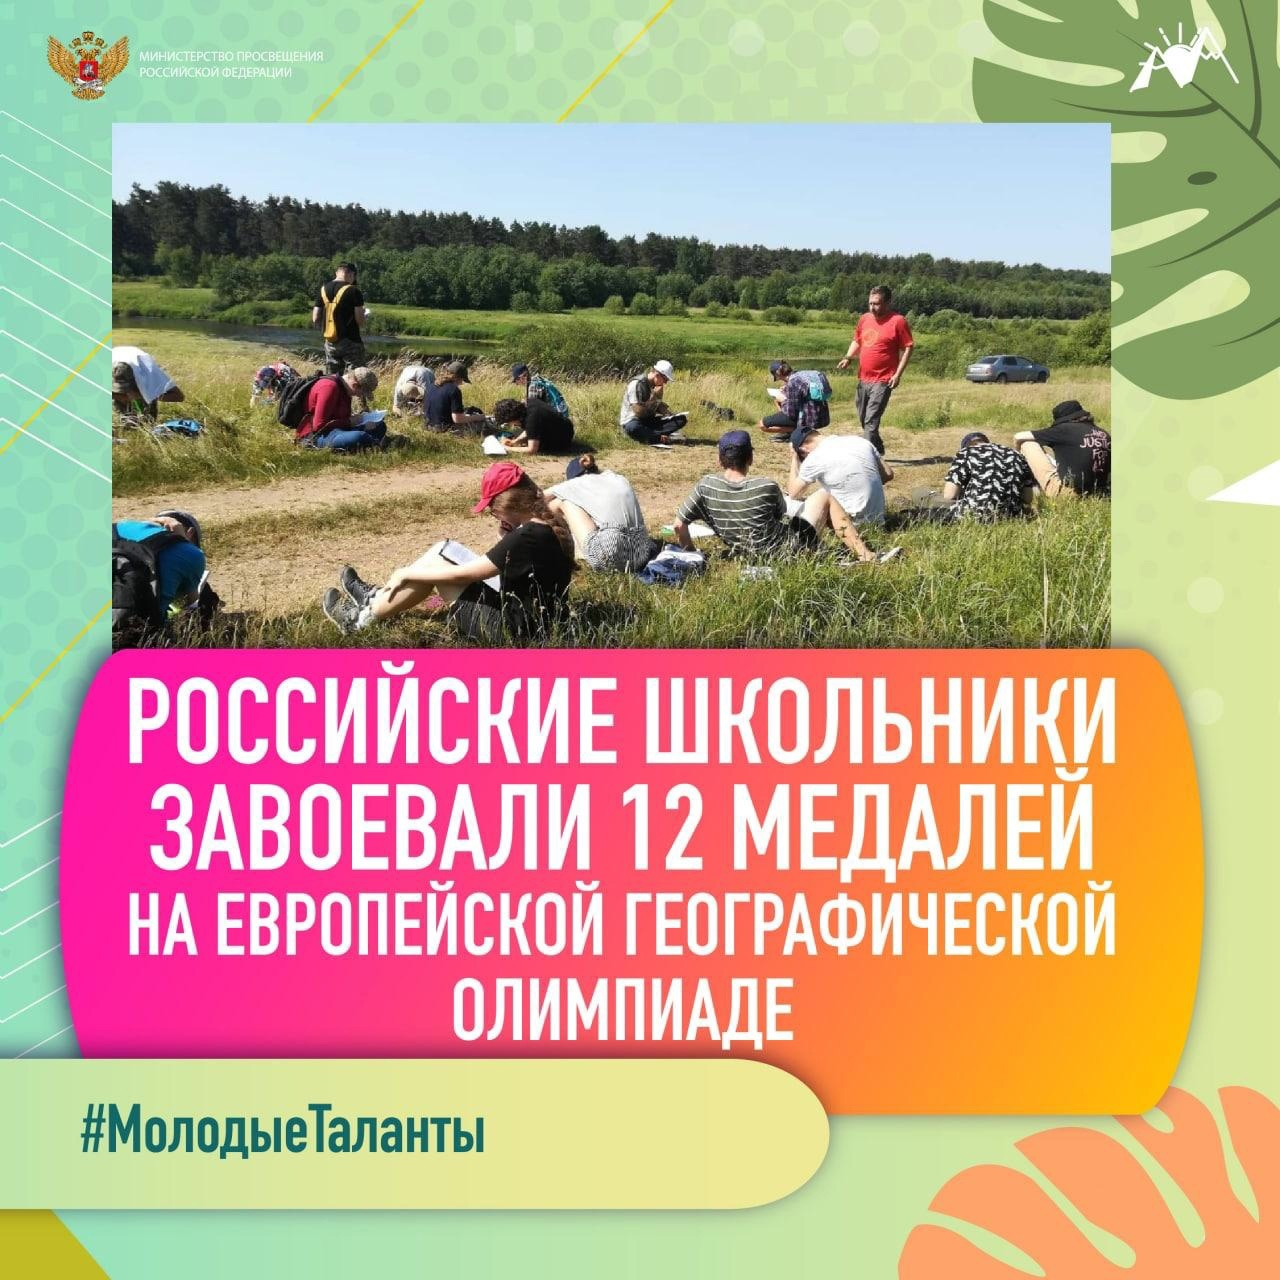 Девятиклассник из Башкирии завоевал «серебро» на Европейской географической олимпиаде